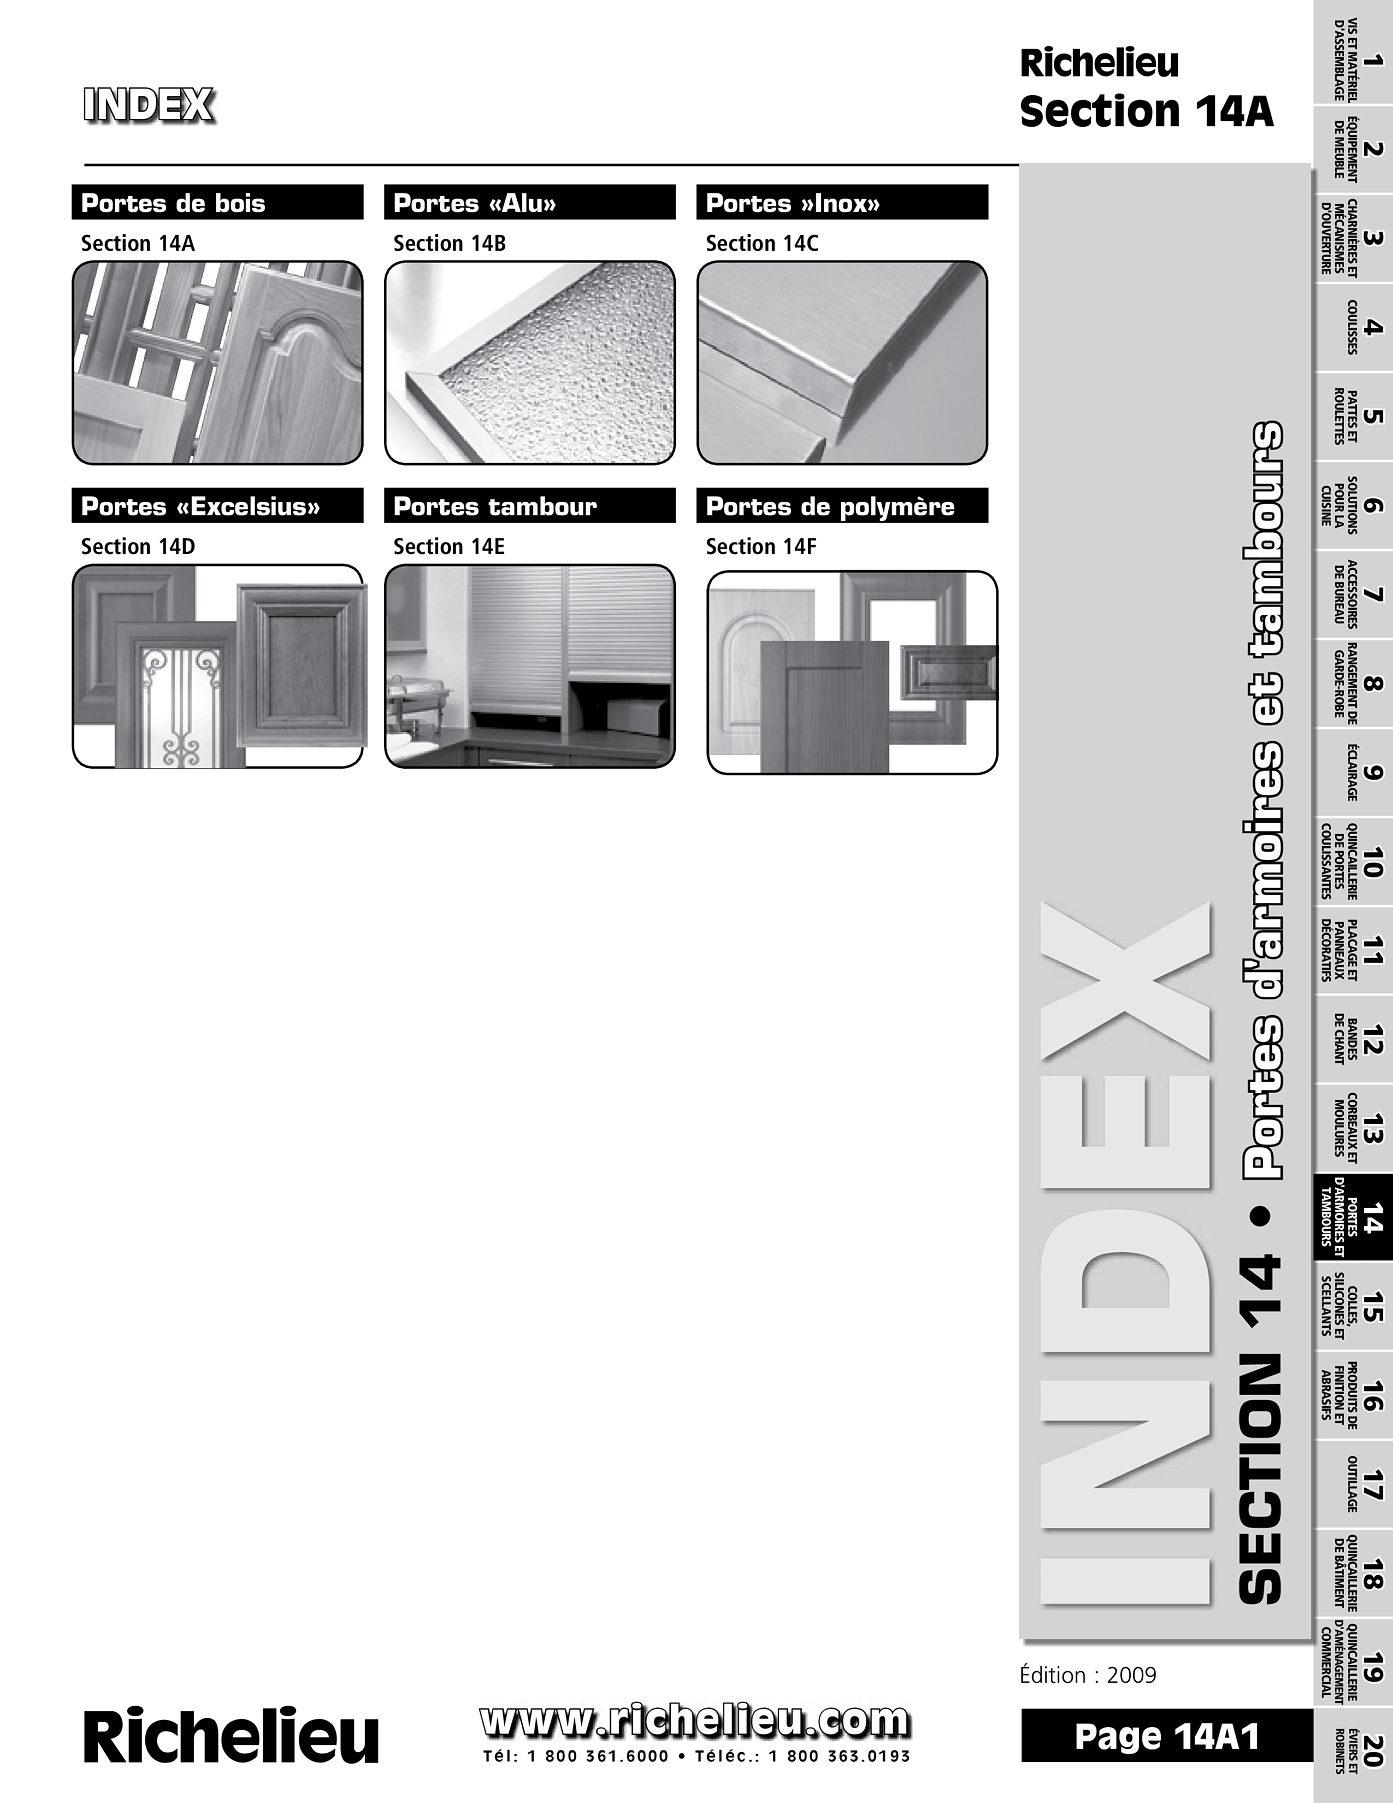 librairie des catalogues richelieu portes de bois page 1 quincaillerie richelieu. Black Bedroom Furniture Sets. Home Design Ideas